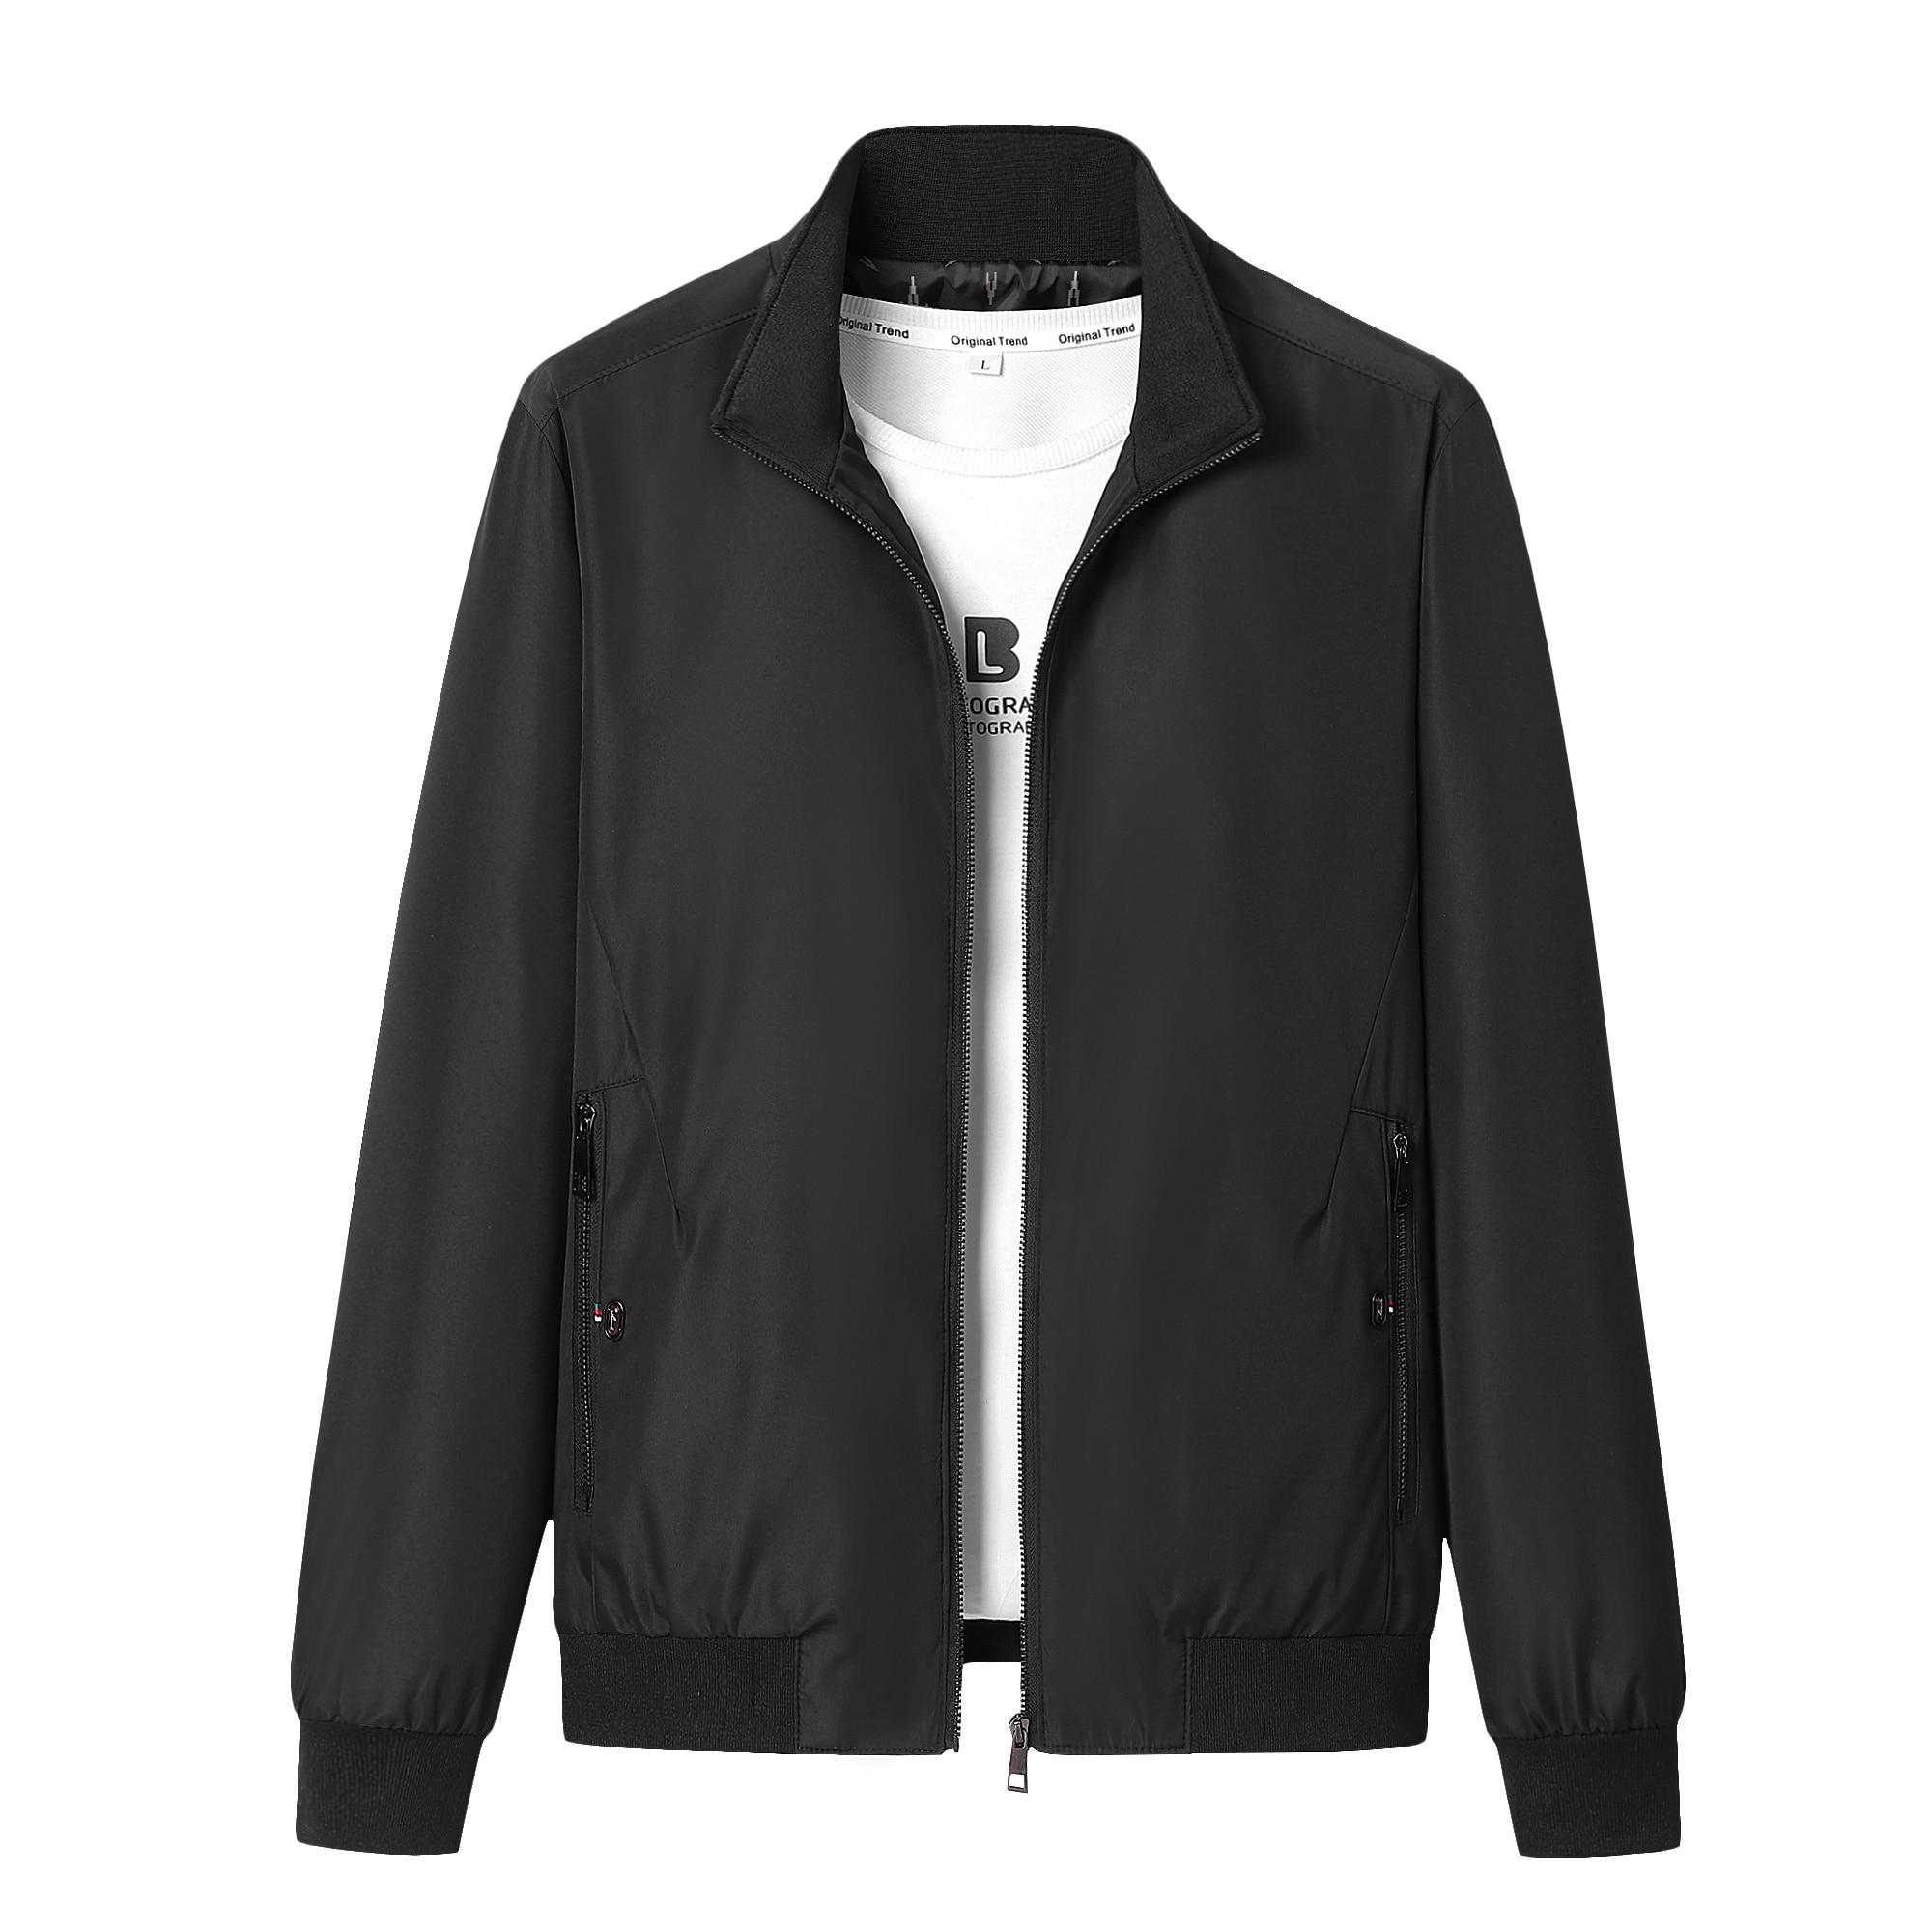 Мужская одежда, приблизительно 4XL 5XL 2021, осенняя новая мужская куртка-бомбер на молнии, мужская повседневная Уличная одежда, приталенное пал...